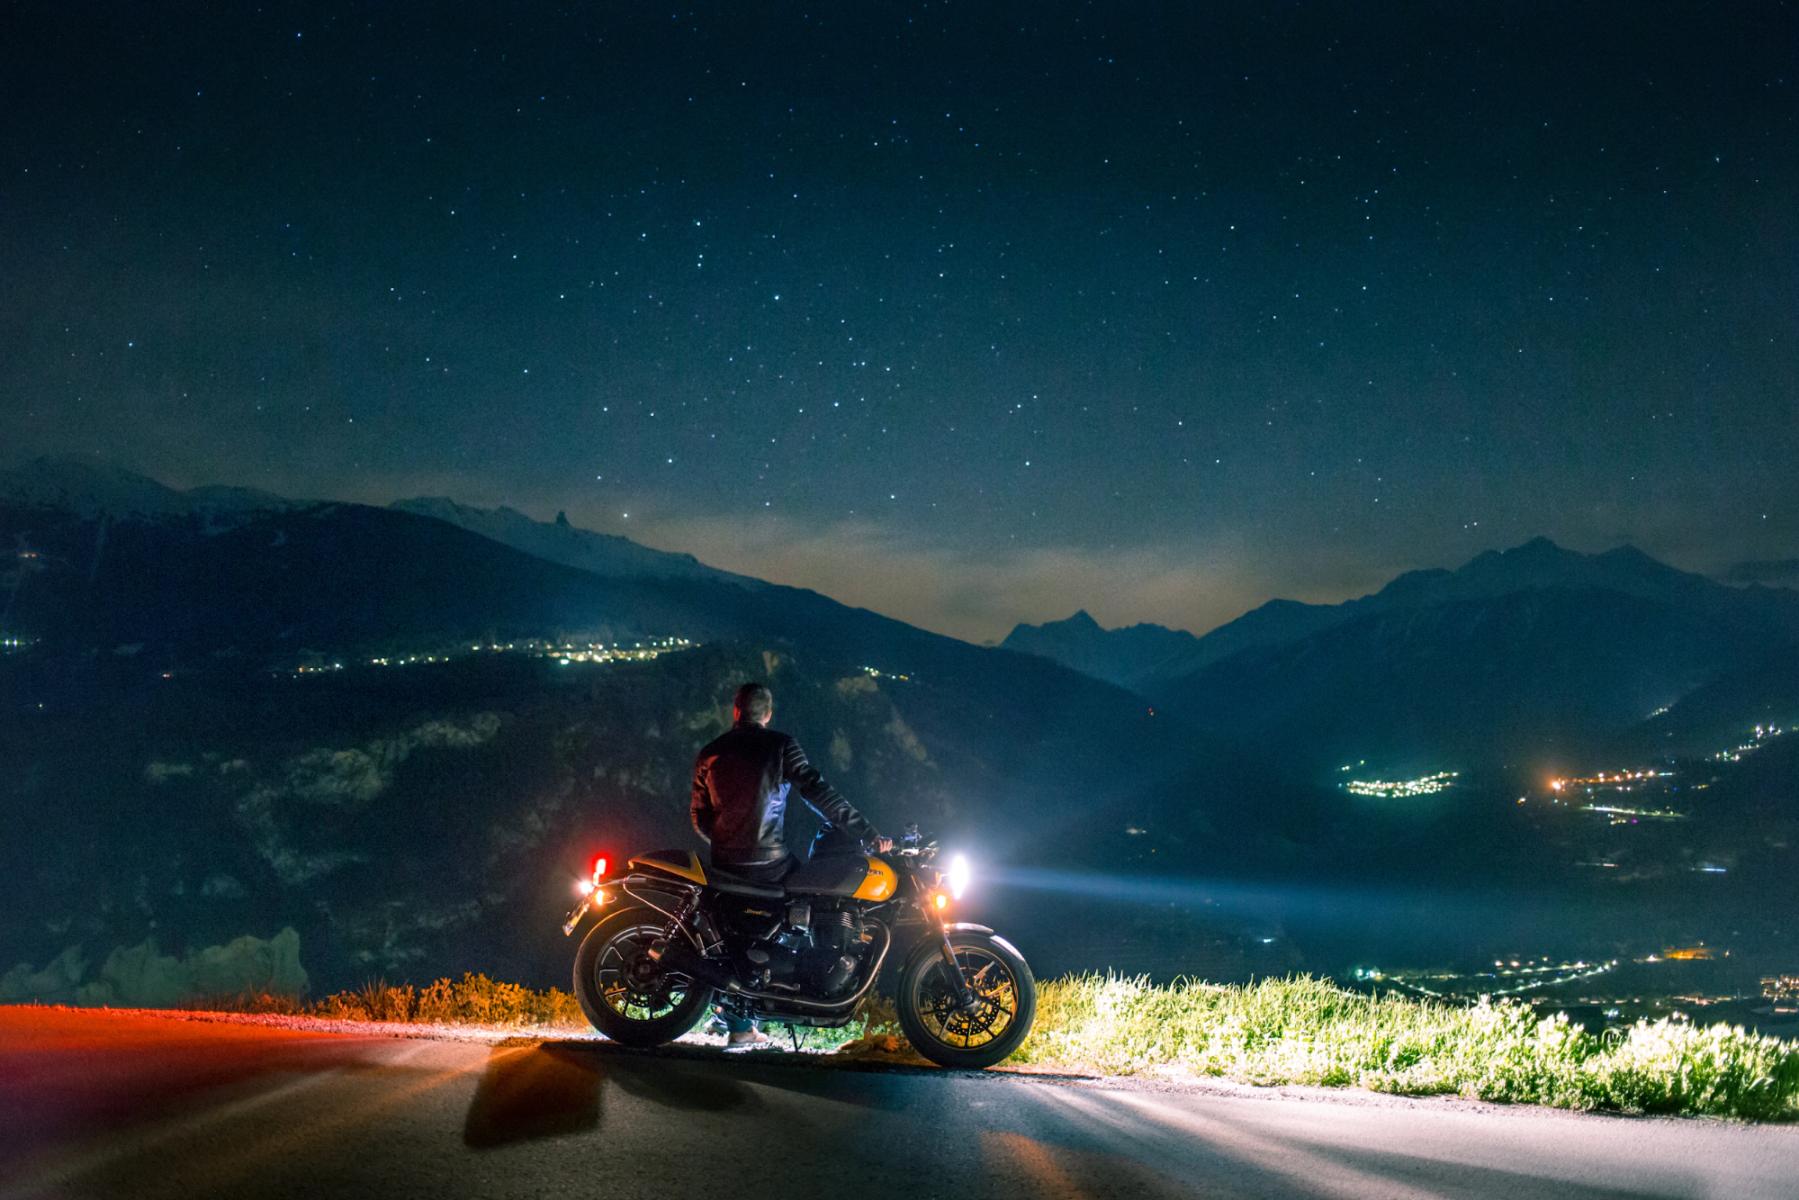 motorcycle under starry nightsky